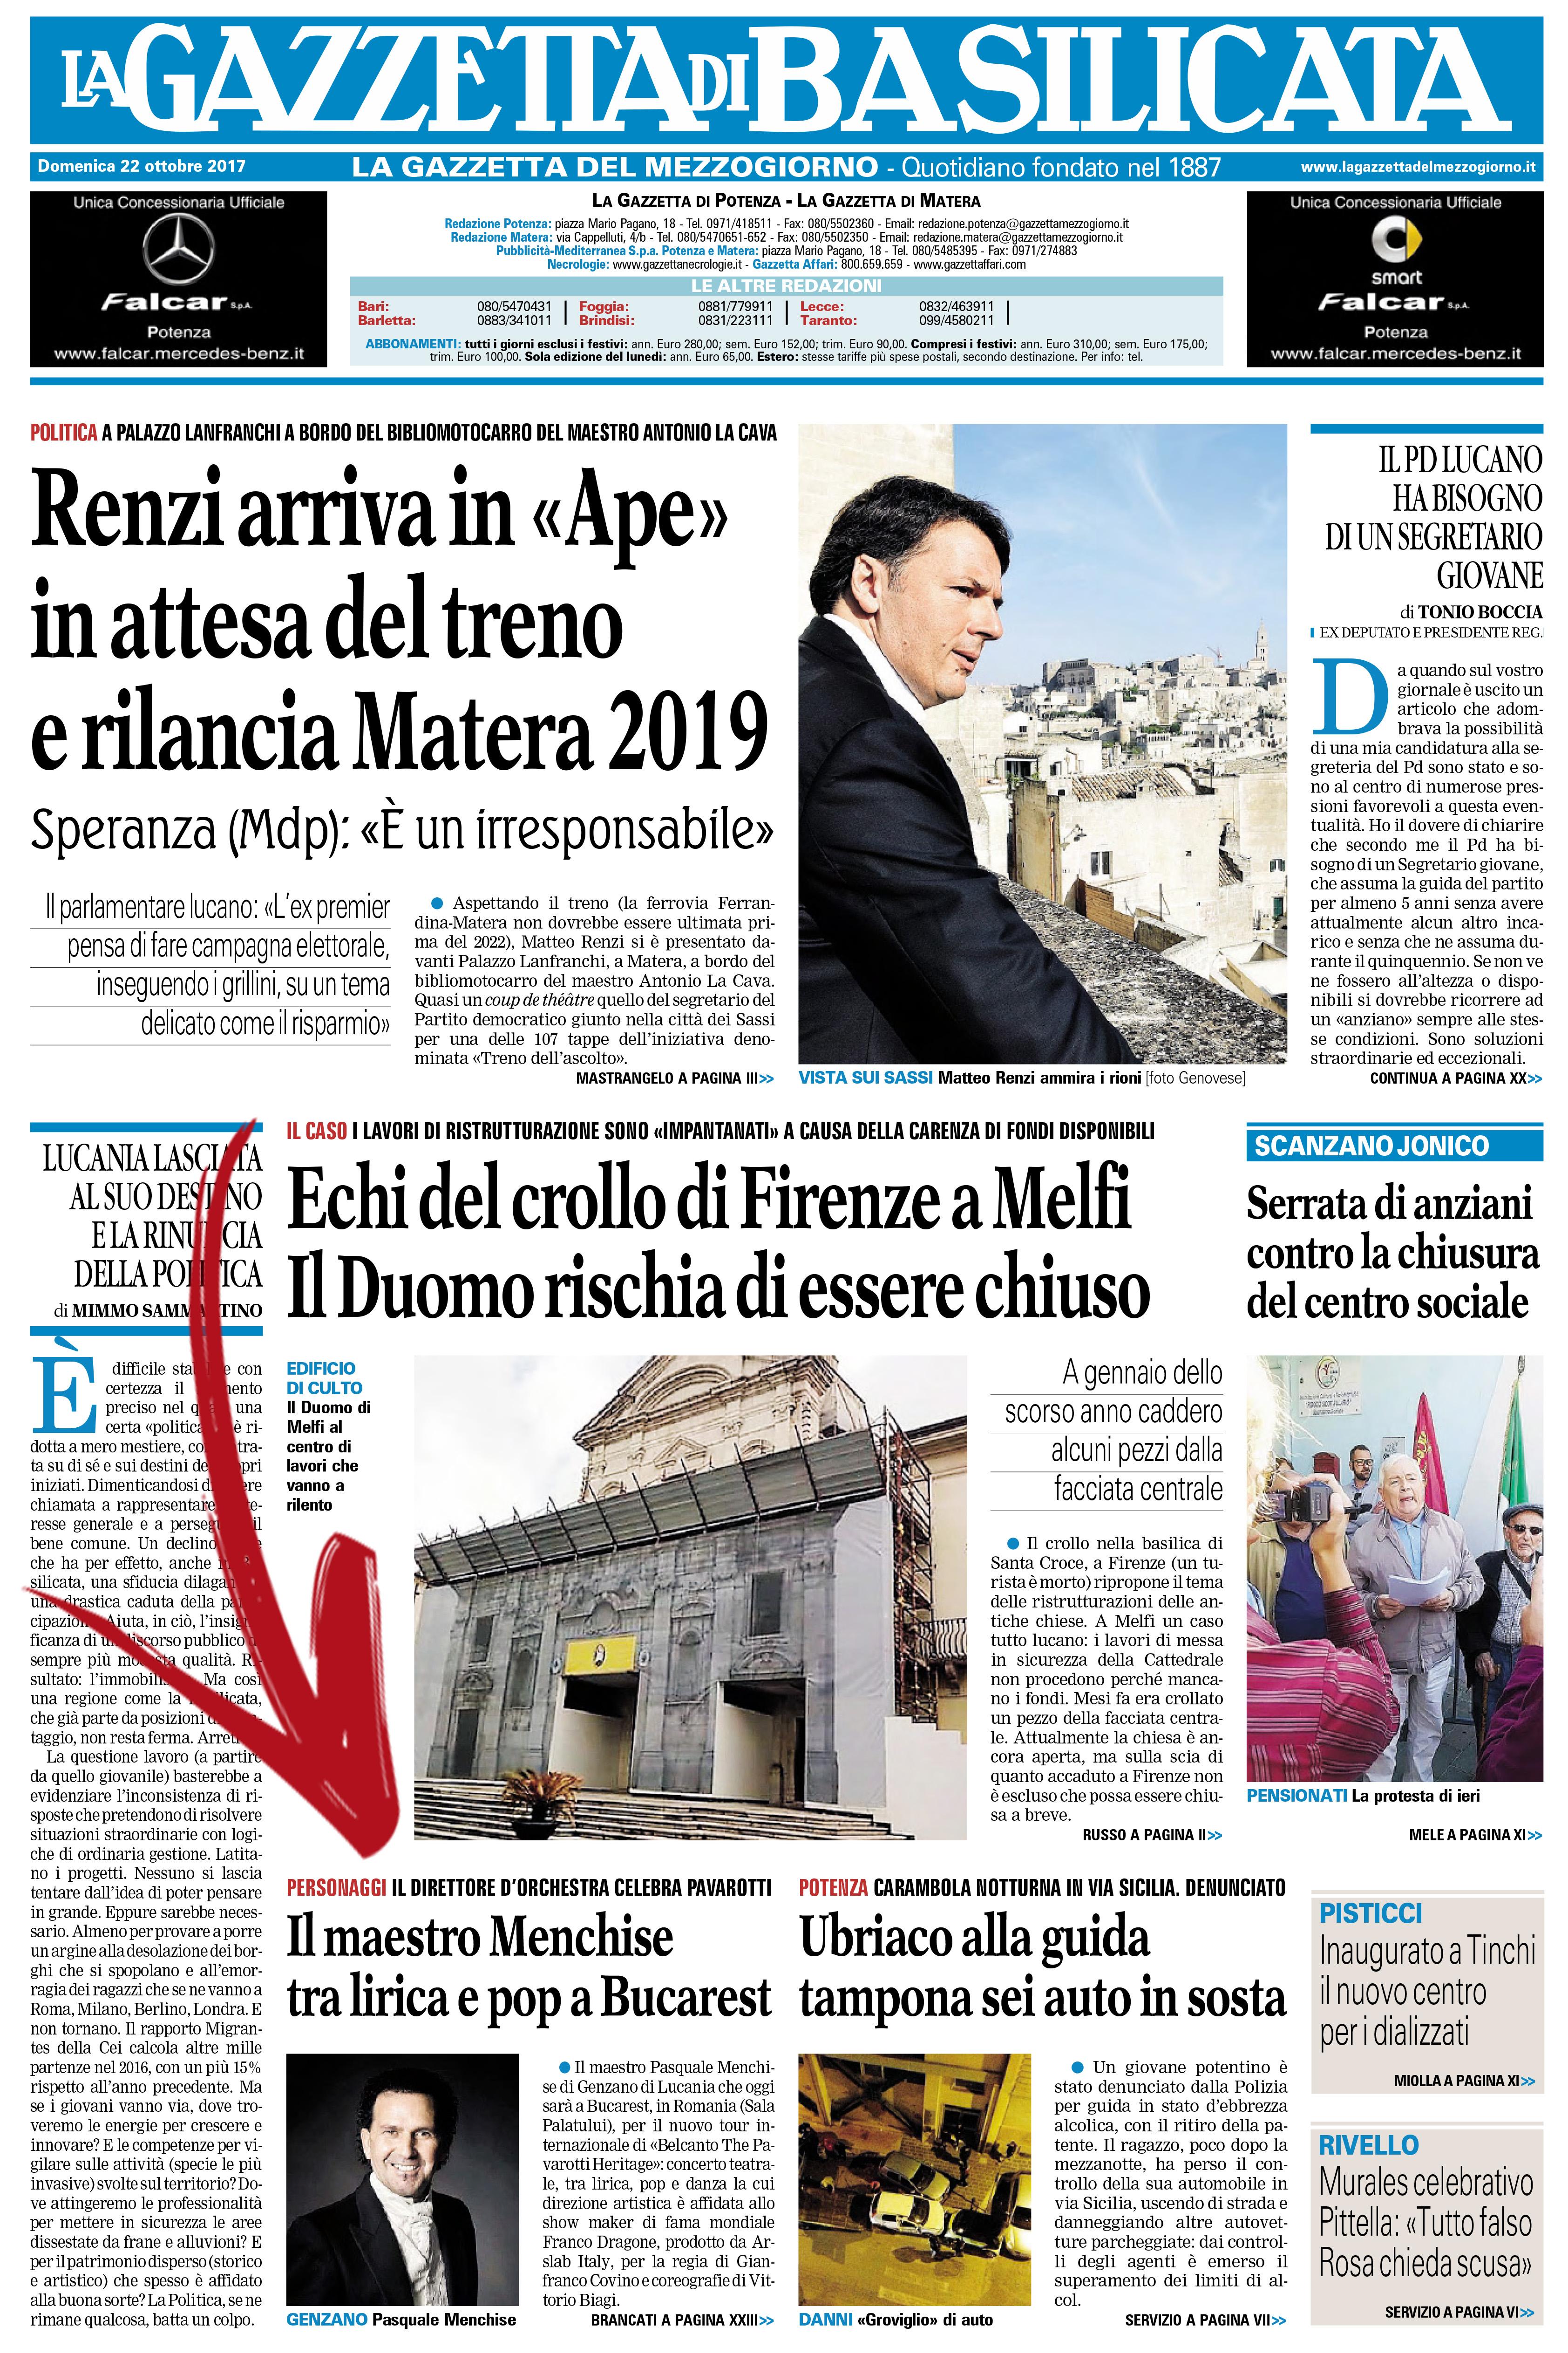 La Gazzetta_22 ottobre 2017_primapagina